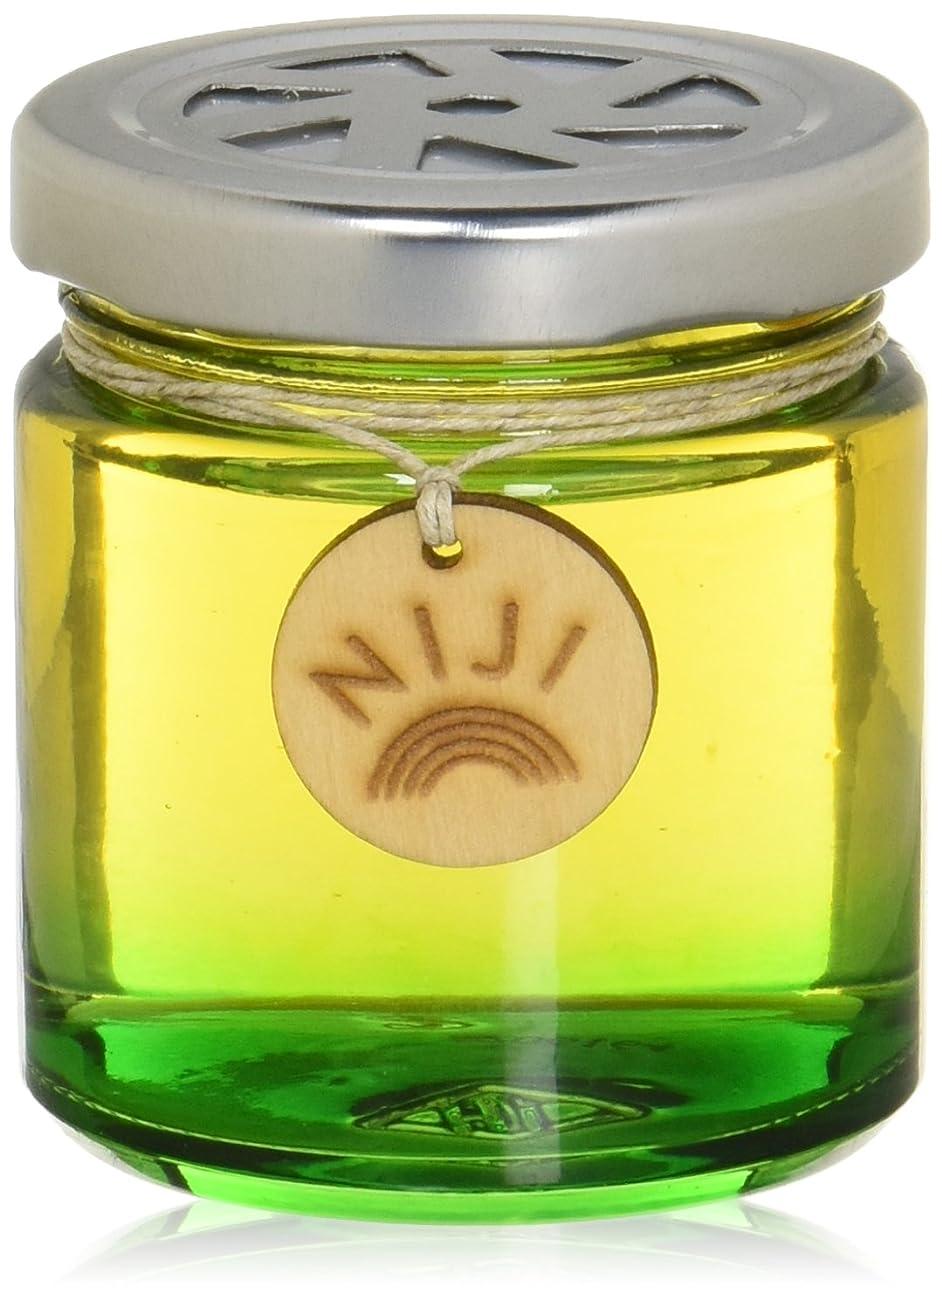 モットーネコホバートNIJI(ニジ) フレグランスゲル(芳香剤) グリーンフラッシュ 90g